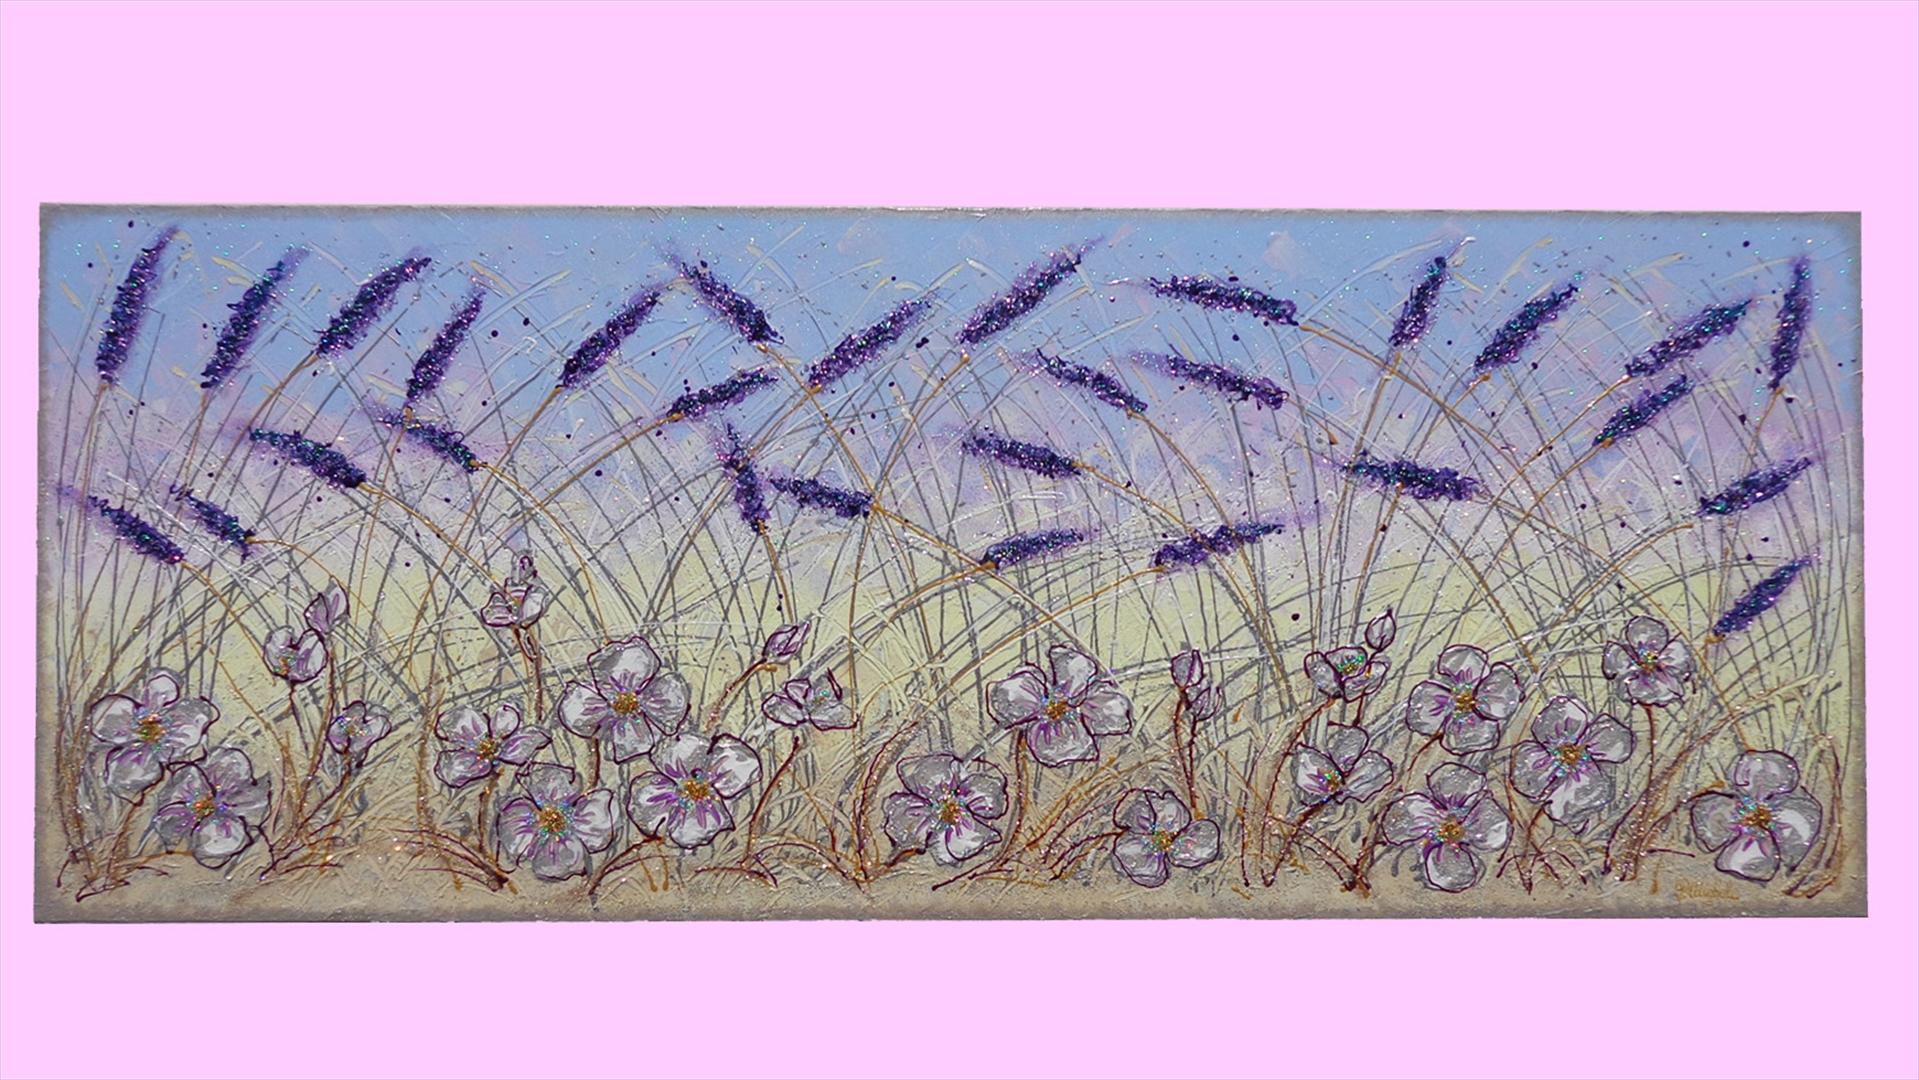 Fiori di lavanda e ranuncoli moderni vendita quadri for Immagini di quadri con fiori